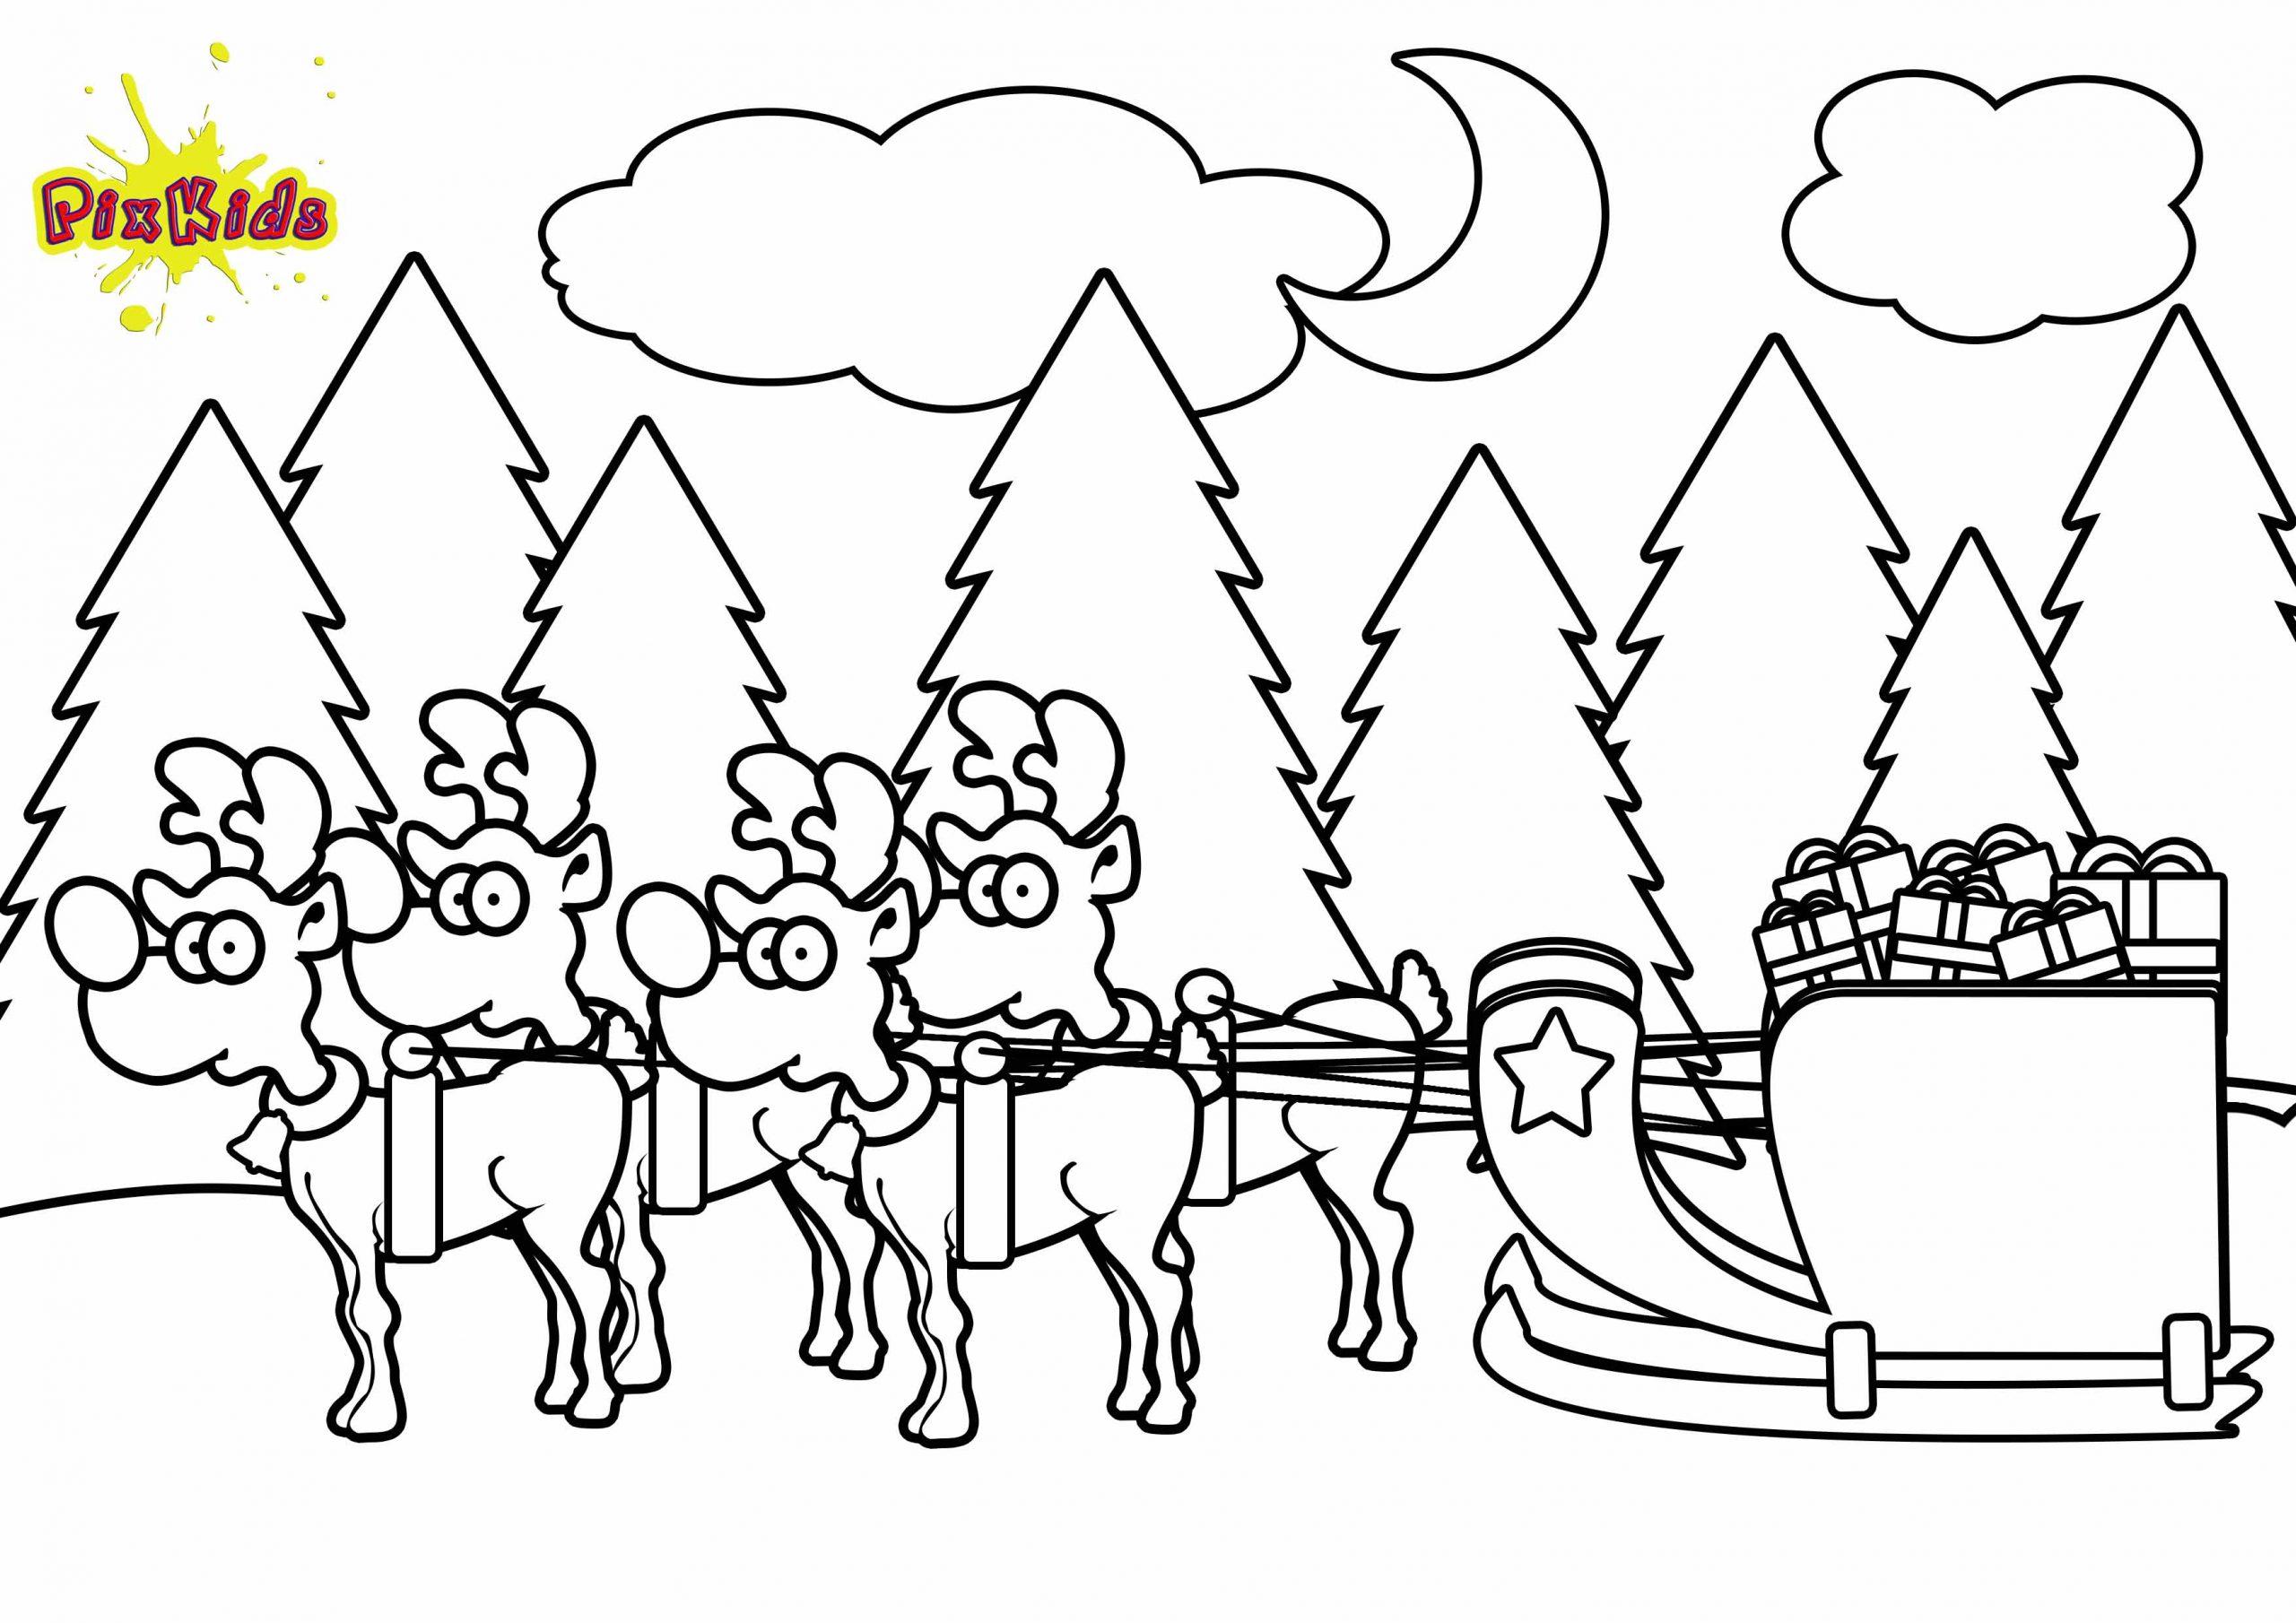 Ausmalbild Weihnachtsschlitten - Kostenlose Malvorlage mit Ausmalbilder Weihnachtsmann Mit Schlitten